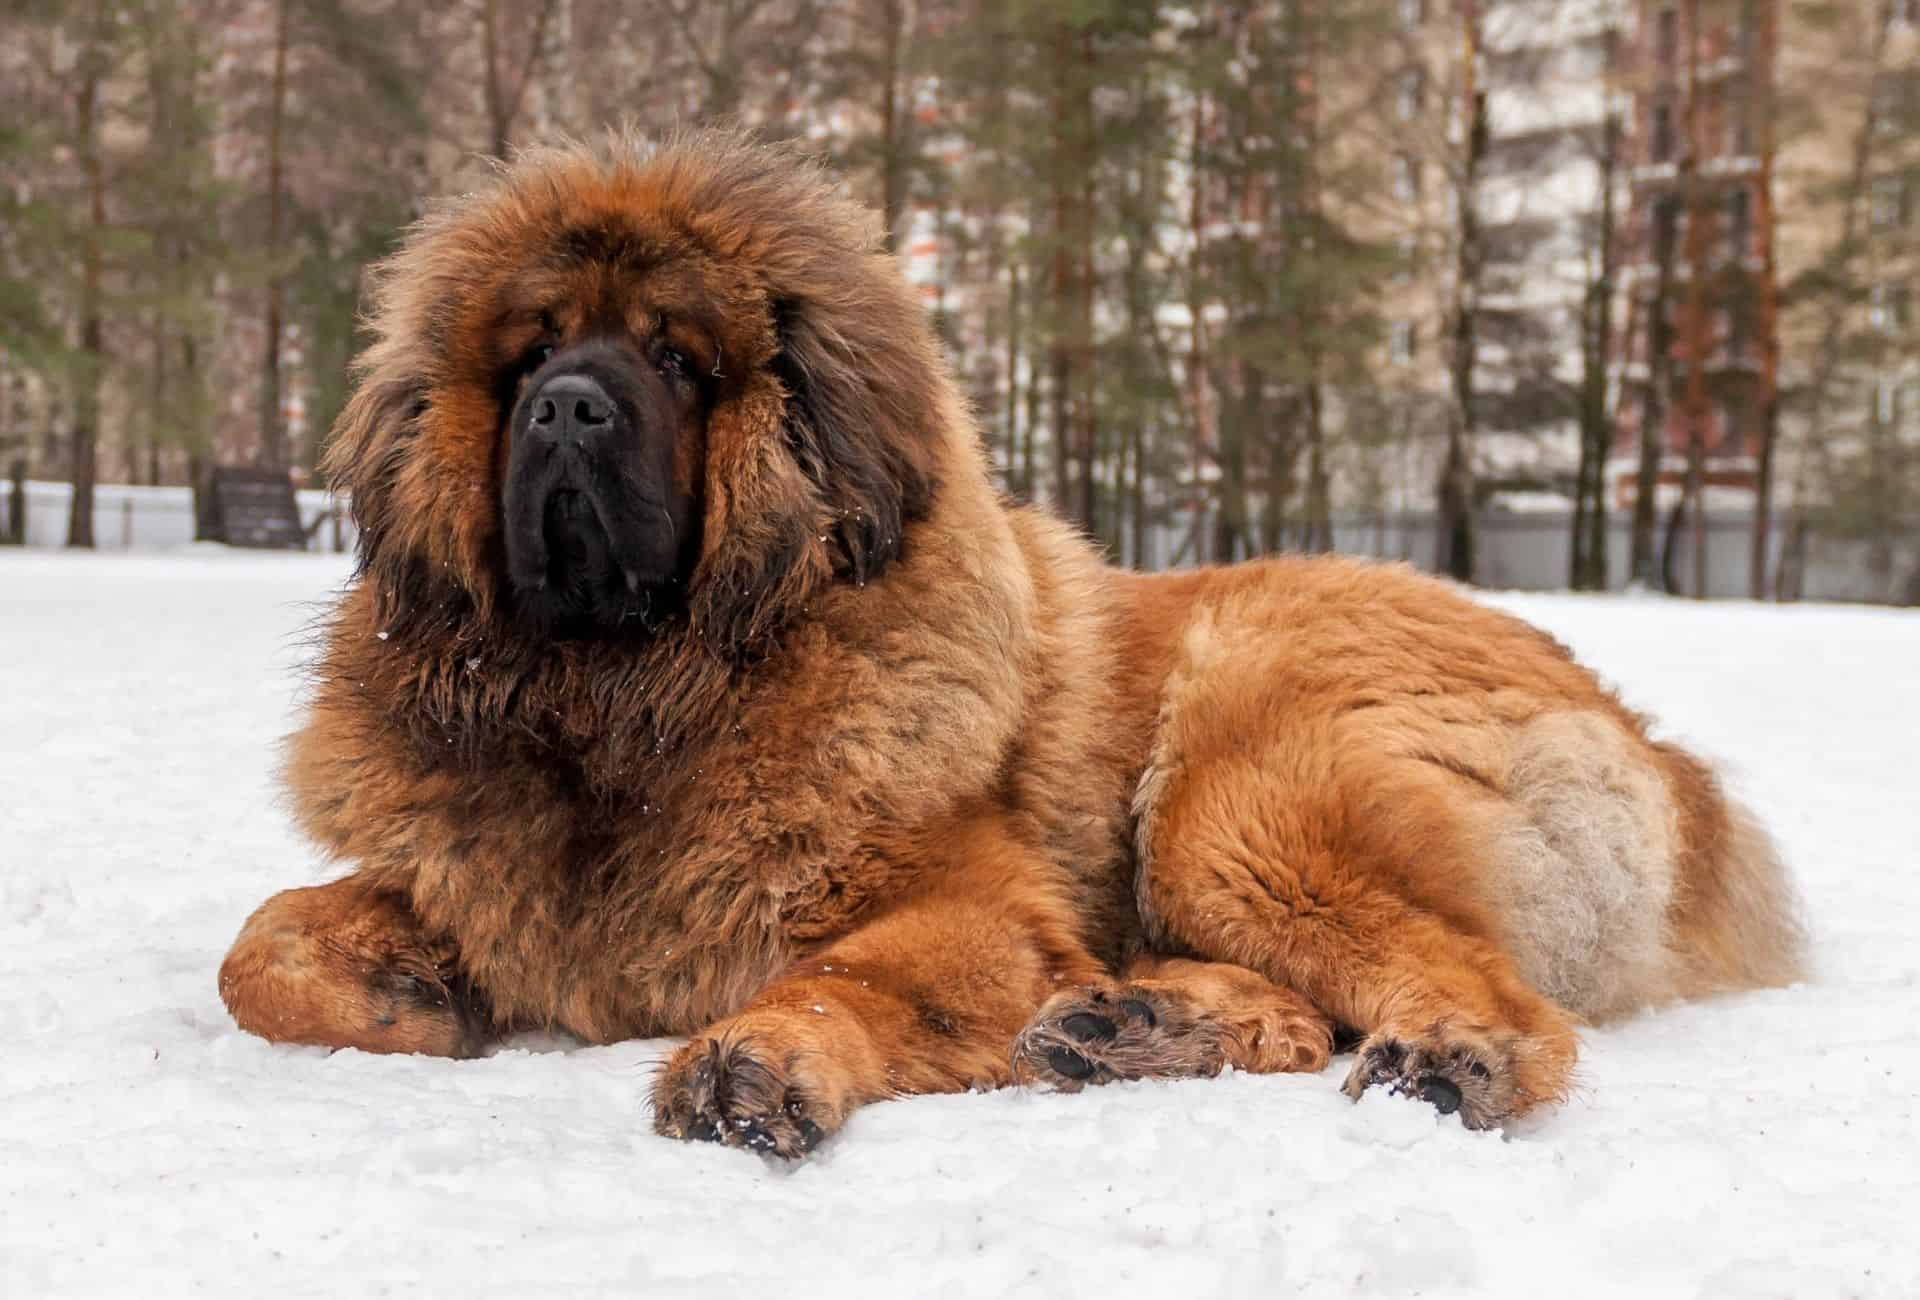 Big Tibetan Mastiff laying in the snow.